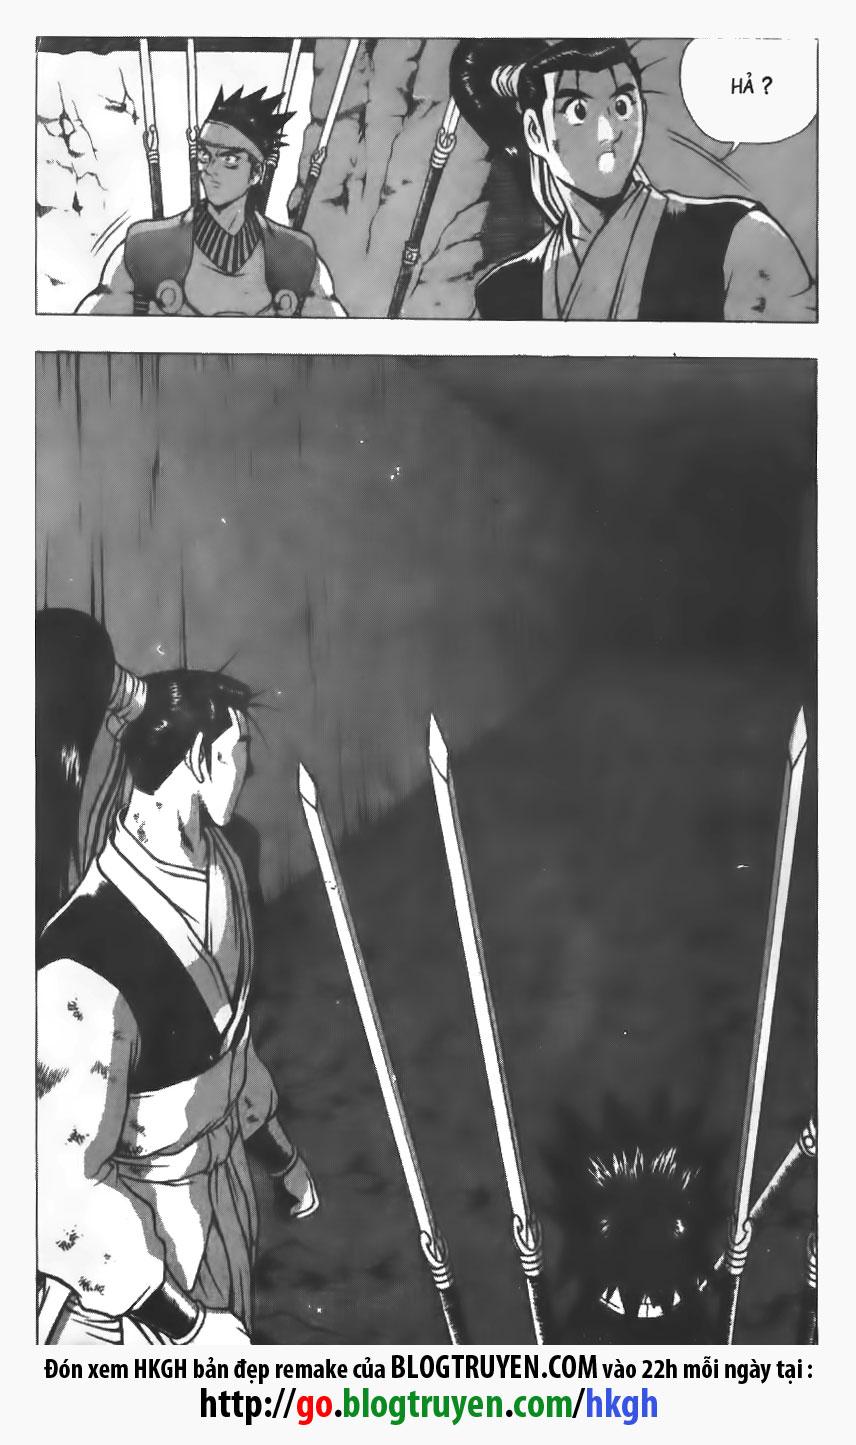 xem truyen moi - Hiệp Khách Giang Hồ Vol19 - Chap 127 - Remake